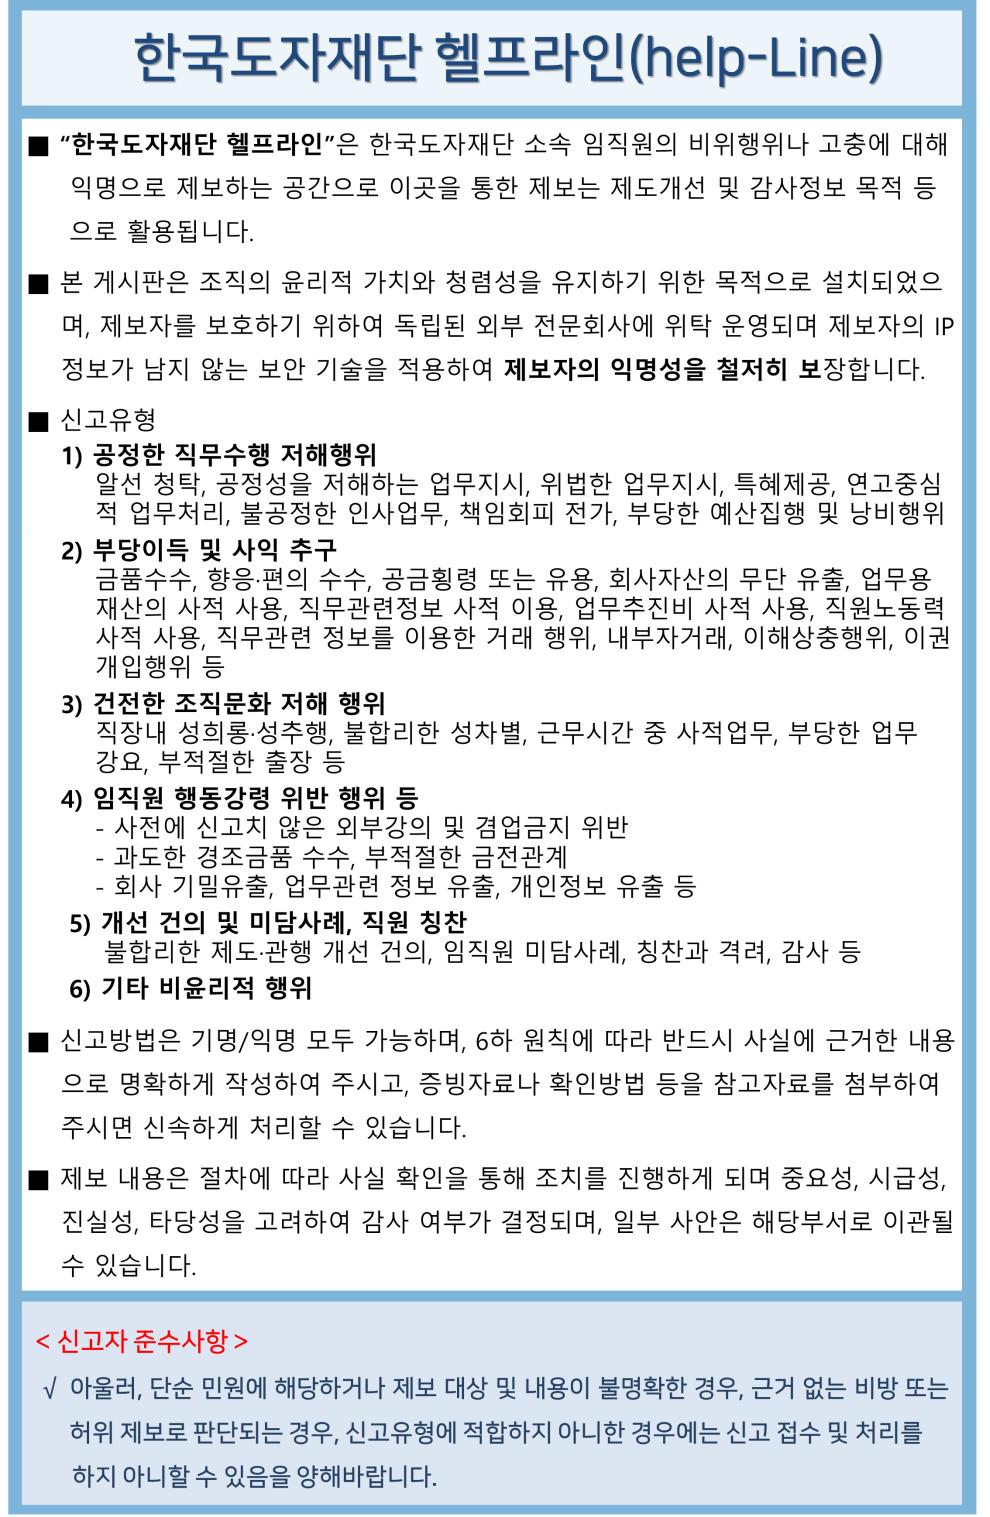 헬프라인 안내문_한국도자재단_210413_990.png